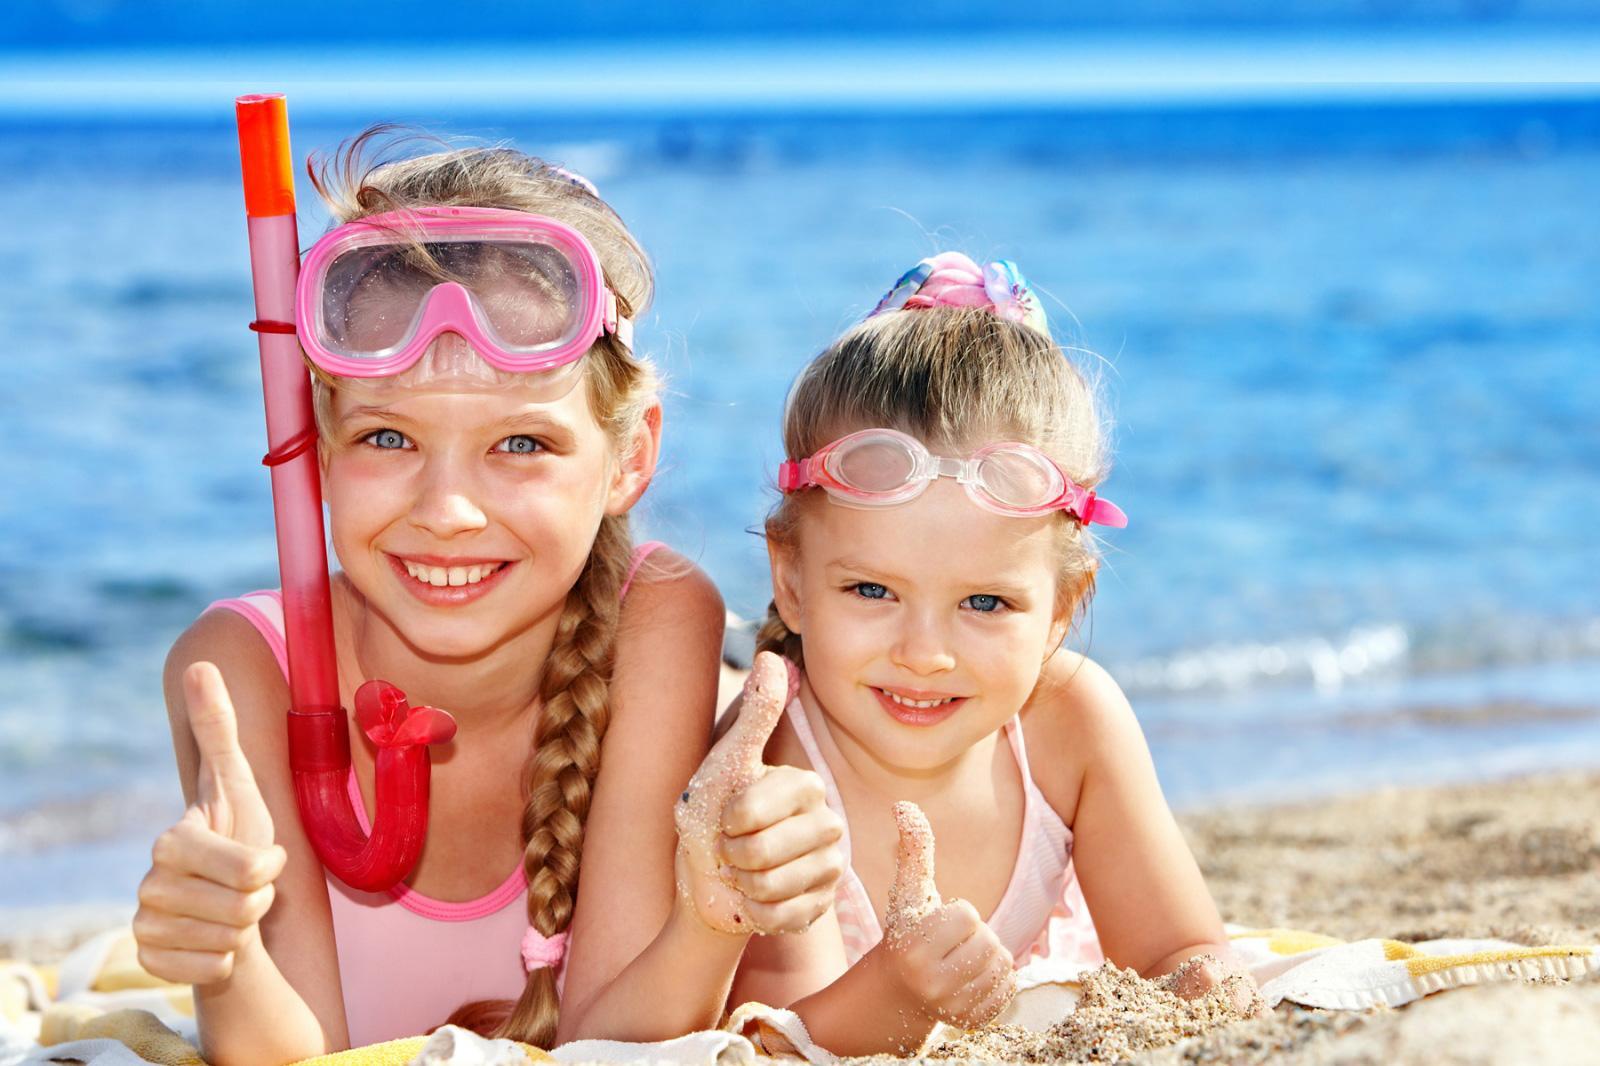 фотография с двумя девочками